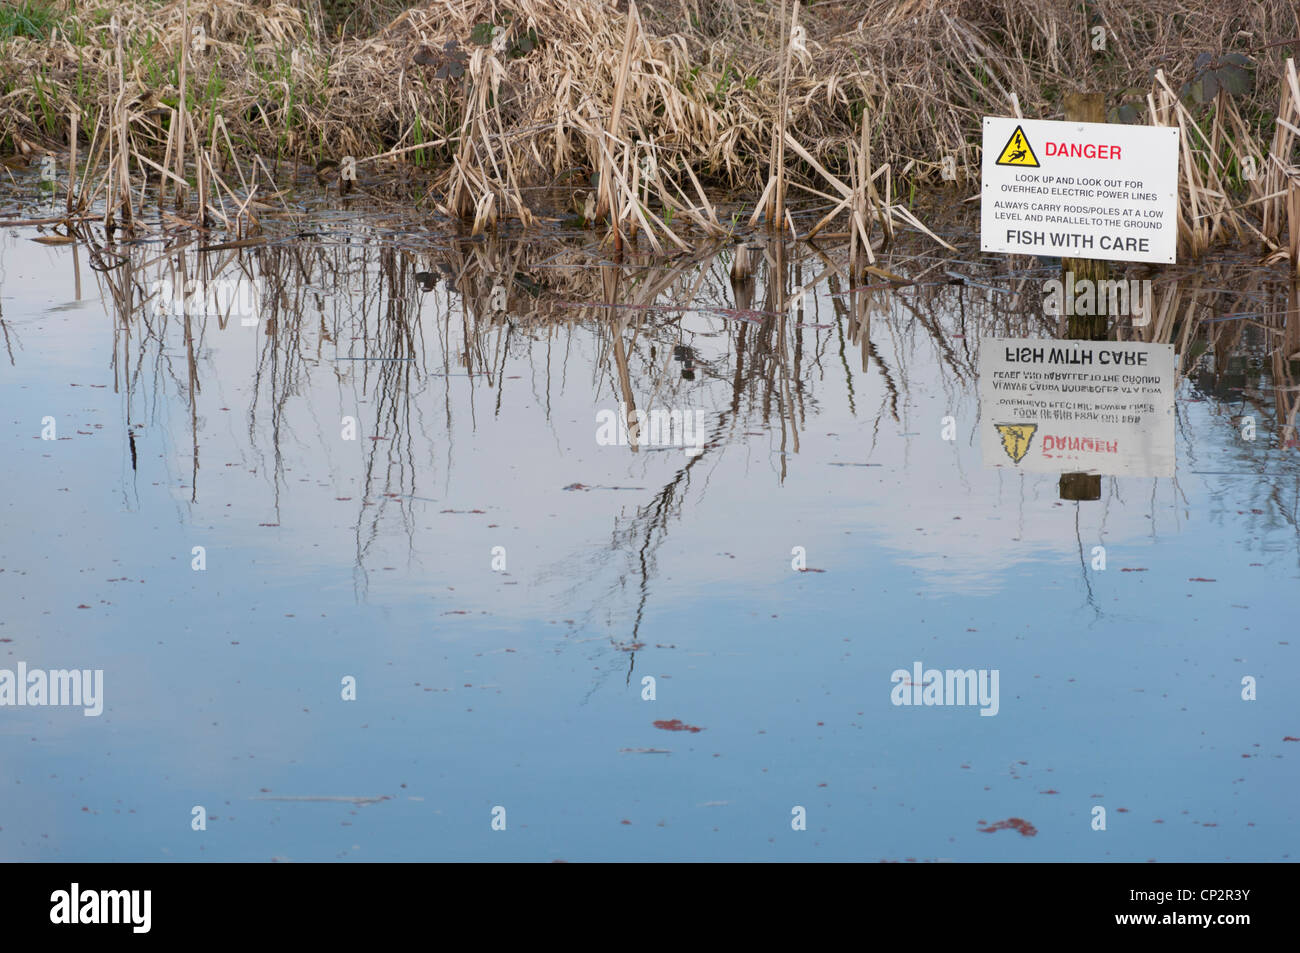 Kanal-Oberfläche mit Schild Warnung der Untergetauchten ...